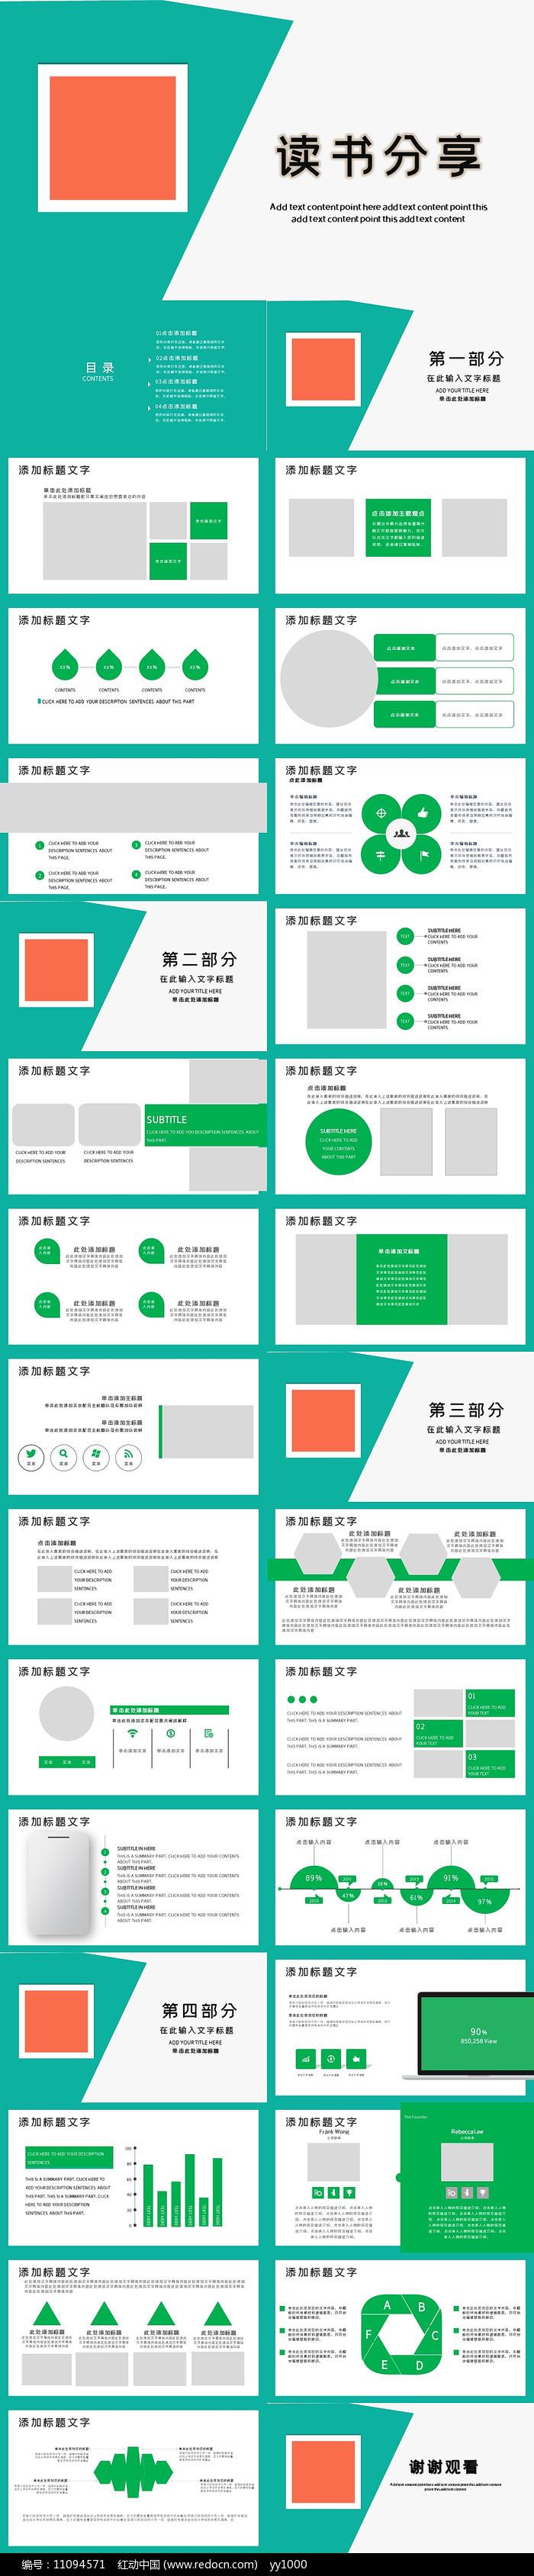 书香中国读书分享PPT模板图片